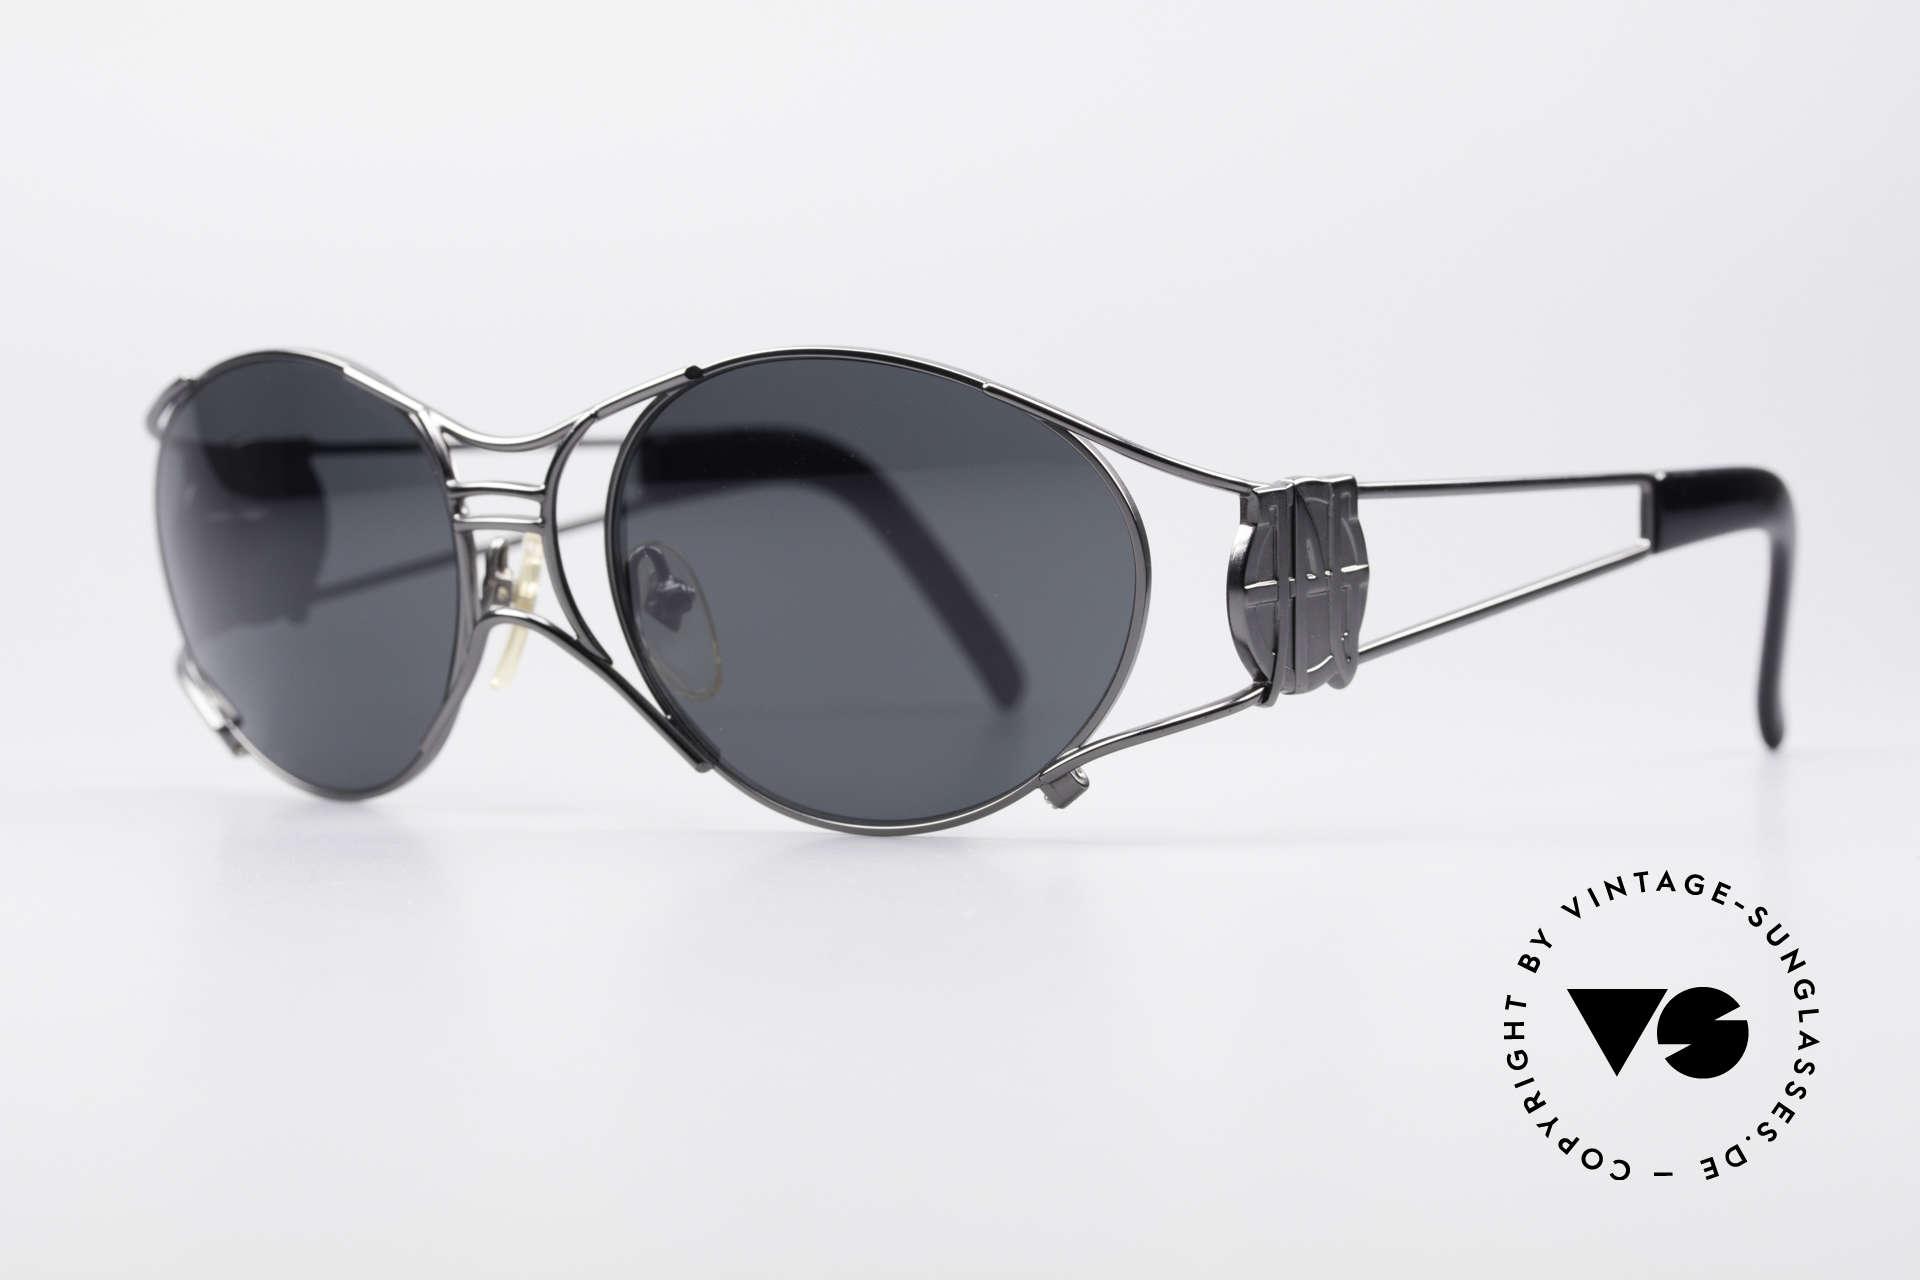 """Jean Paul Gaultier 58-6101 Steampunk 90er Sonnenbrille, daher häufig auch als """"Steampunk Brille"""" bezeichnet, Passend für Herren und Damen"""